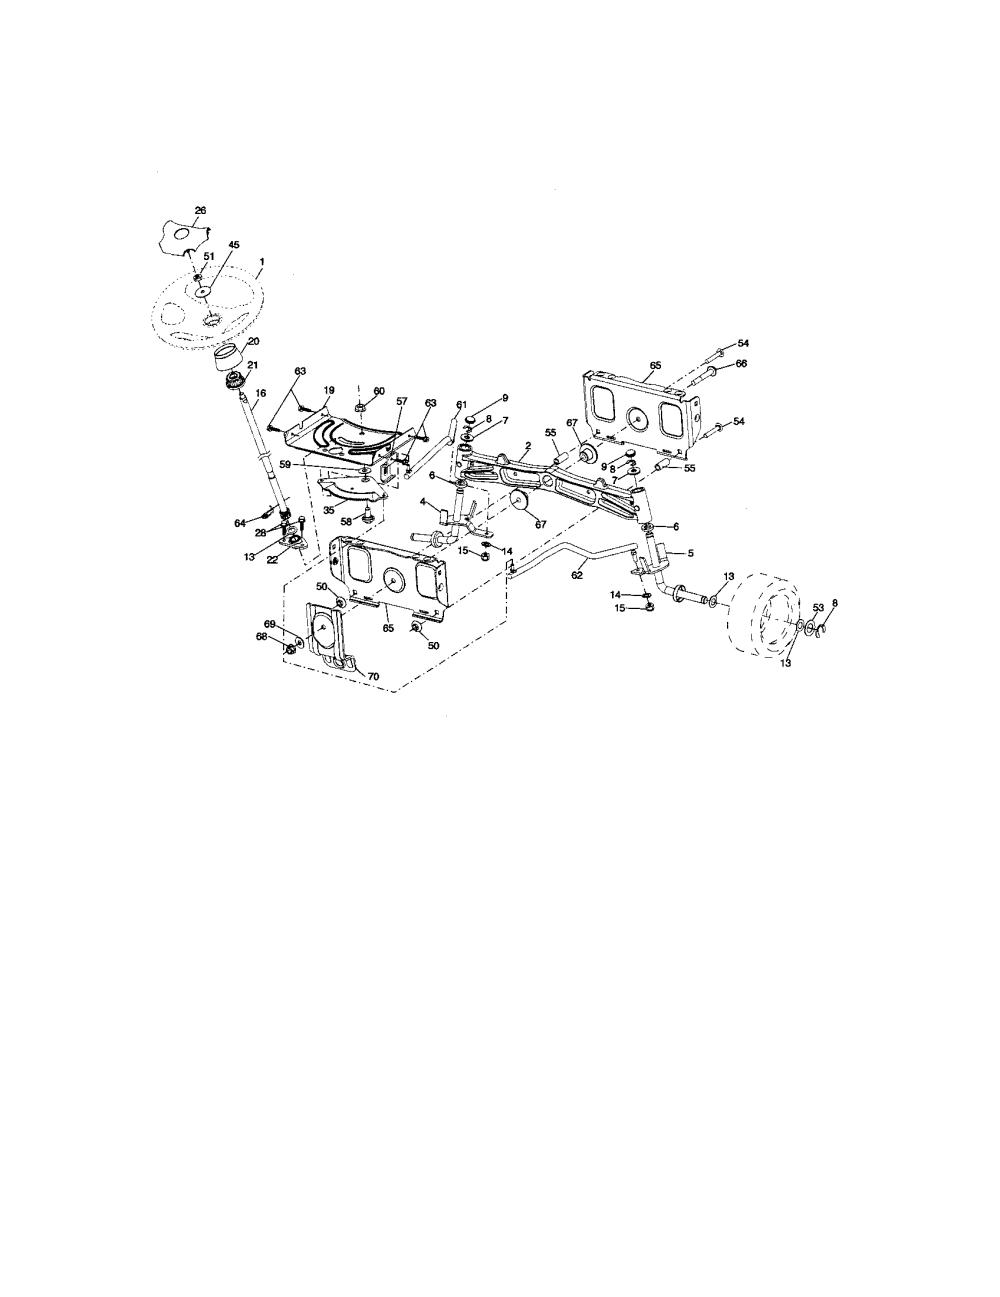 medium resolution of craftsman 917276600 steering assembly diagram